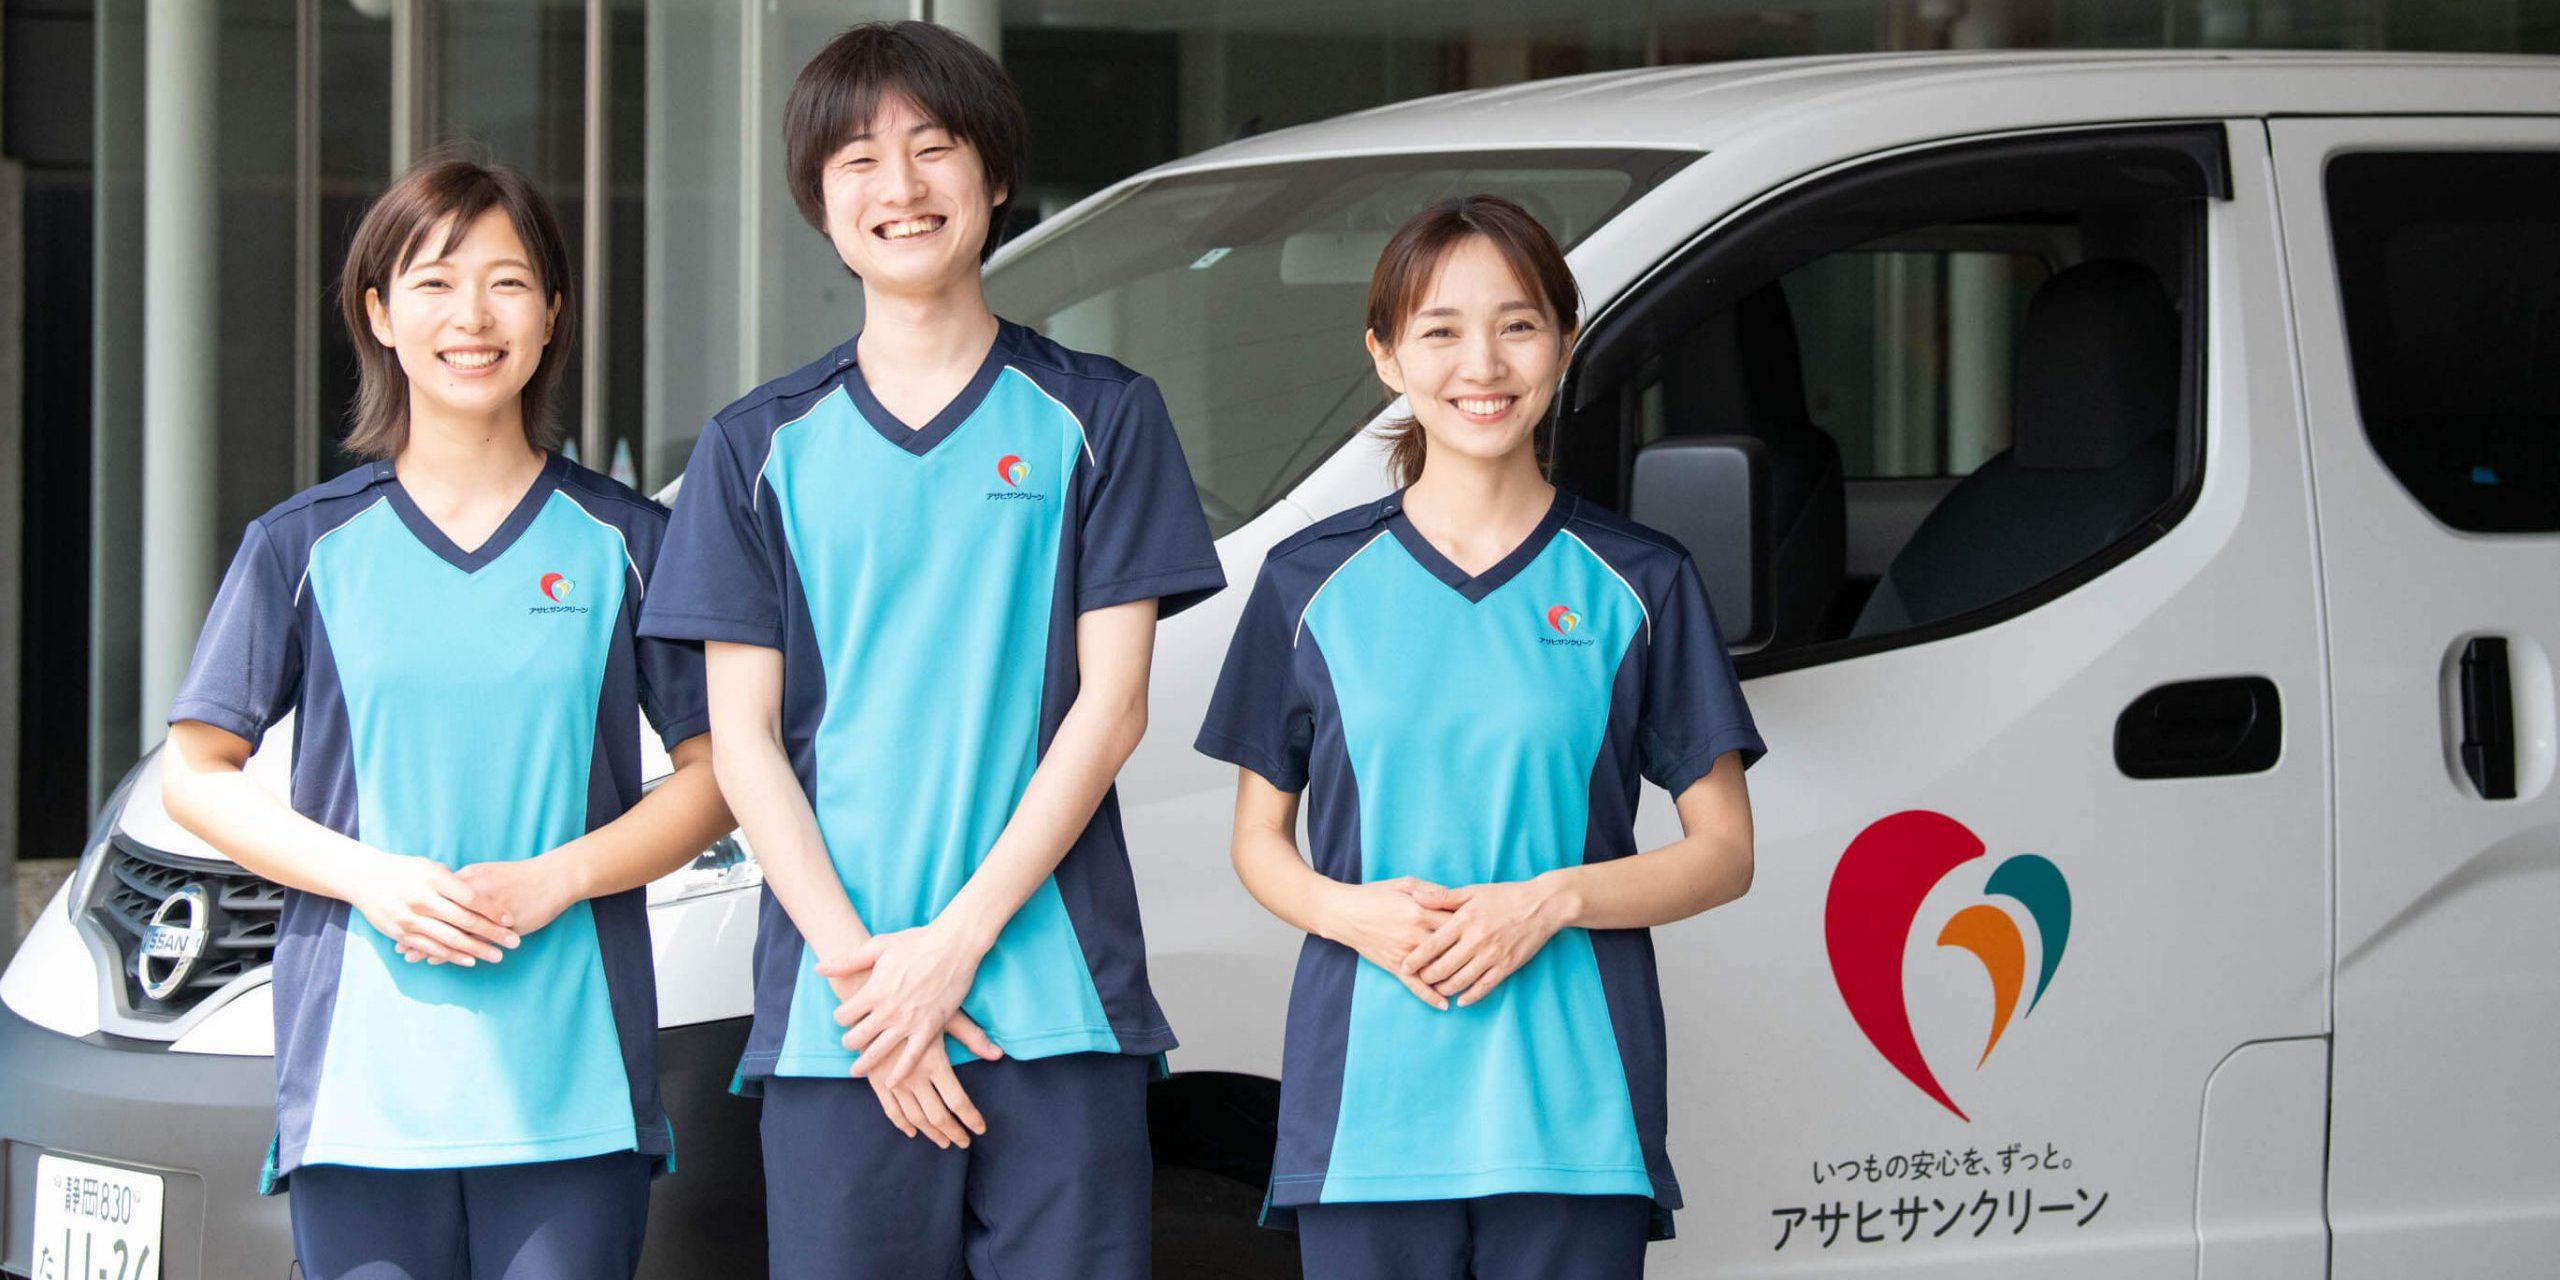 左から女性、男性、女性のアサヒサンクリーンの社員3人が並んで笑っている写真